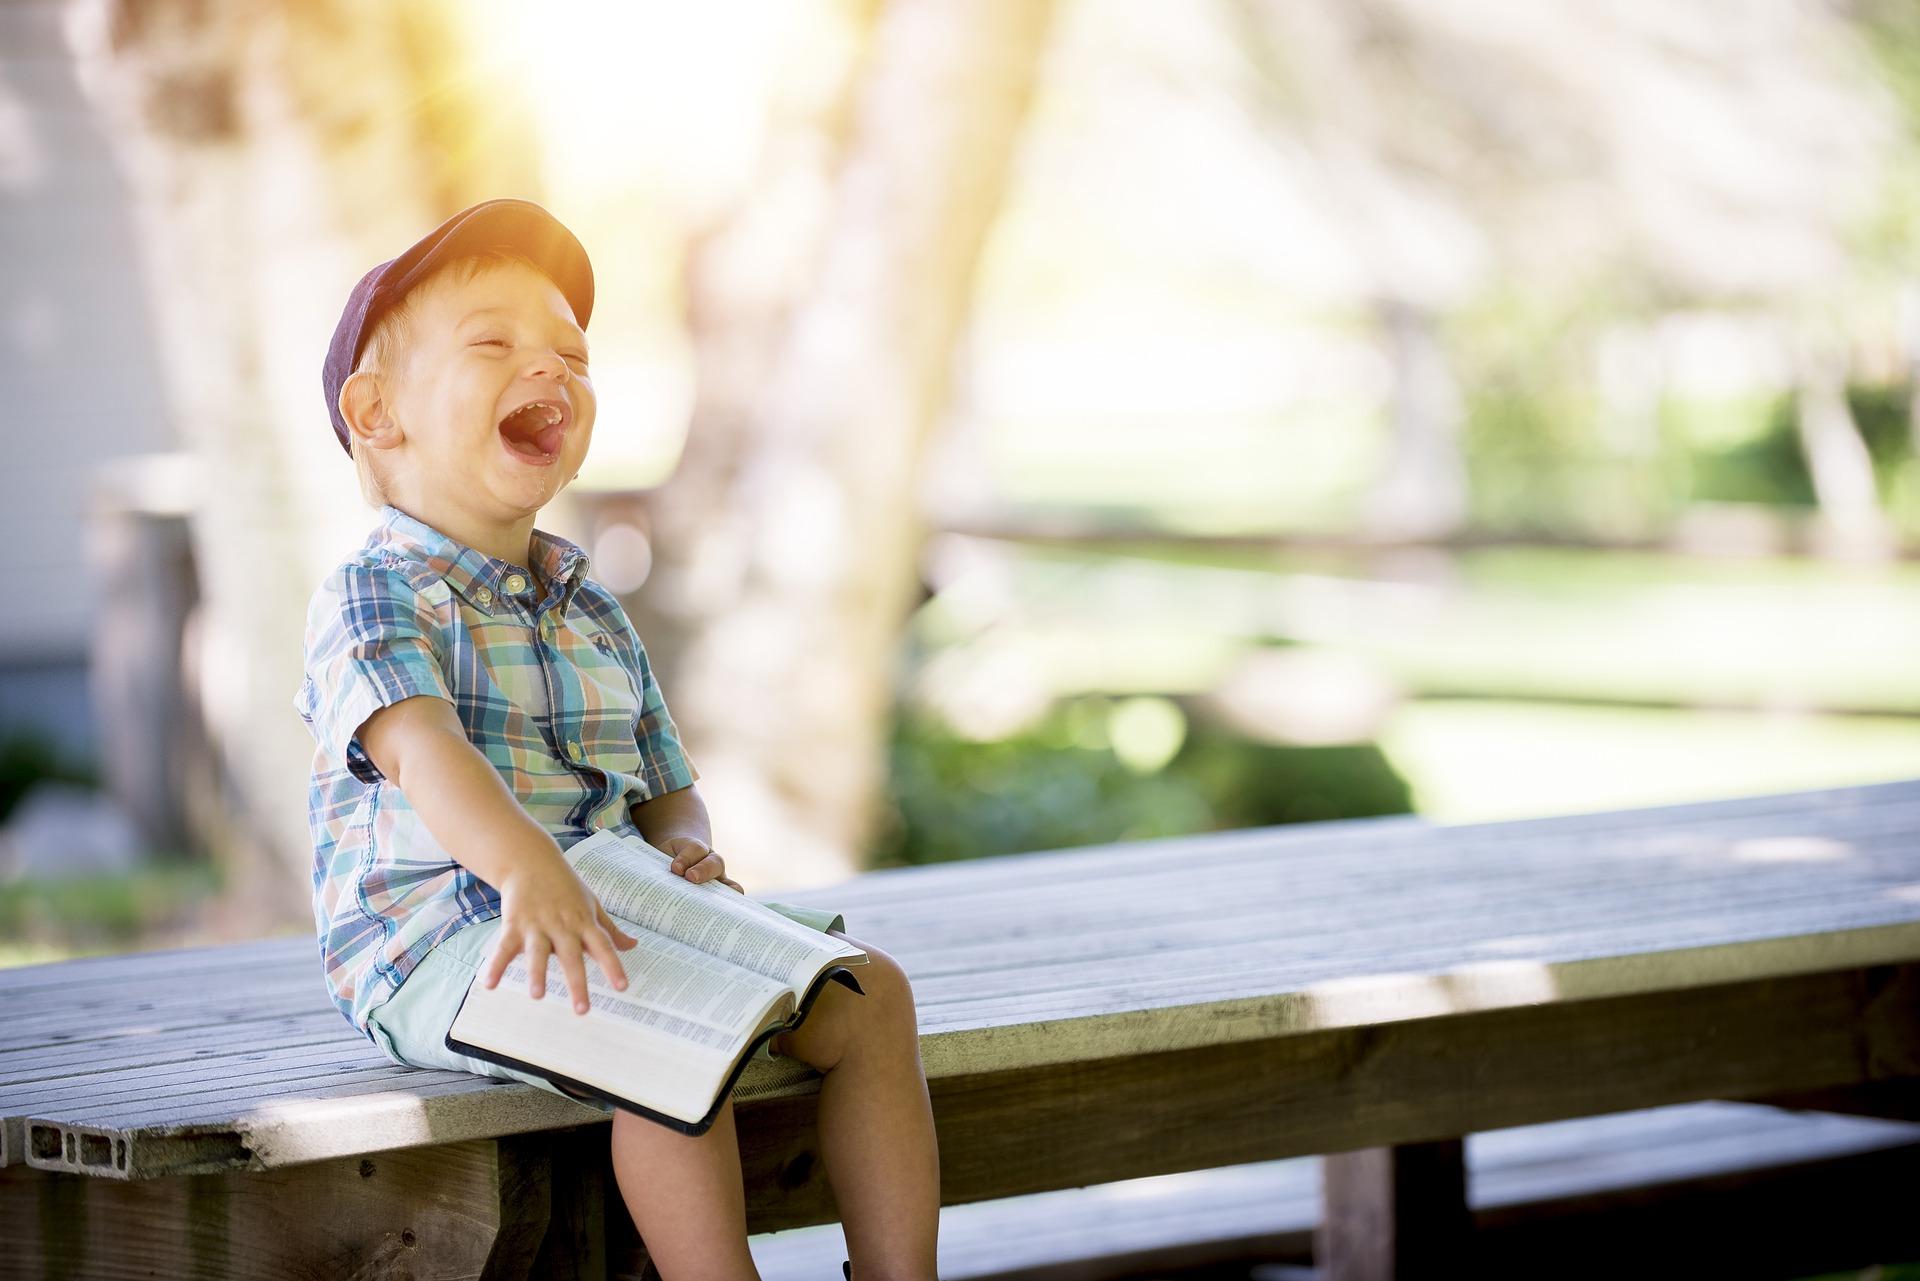 イスに座って笑う子供